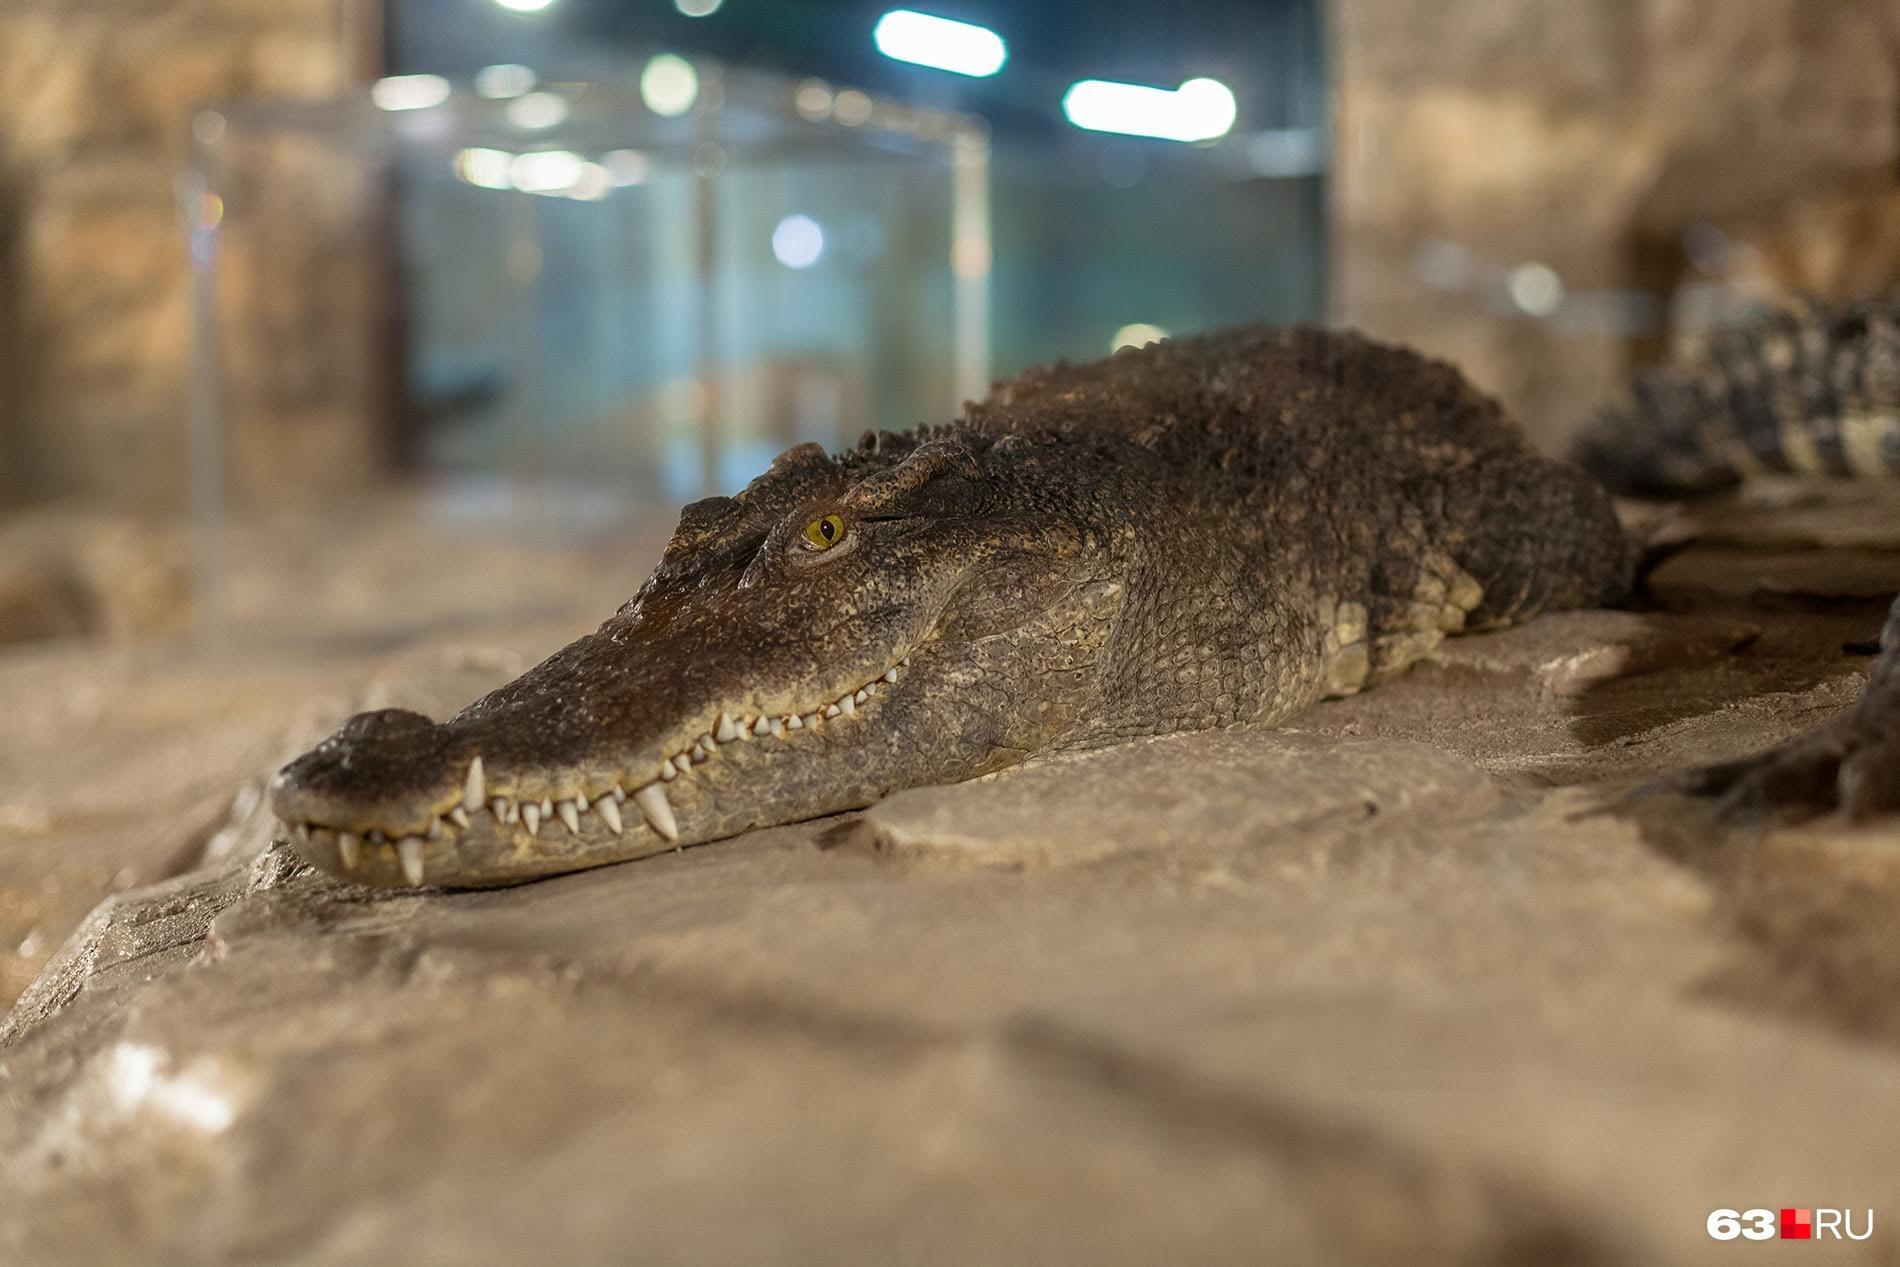 Кубинские крокодилы считаются самыми умными и опасными рептилиями